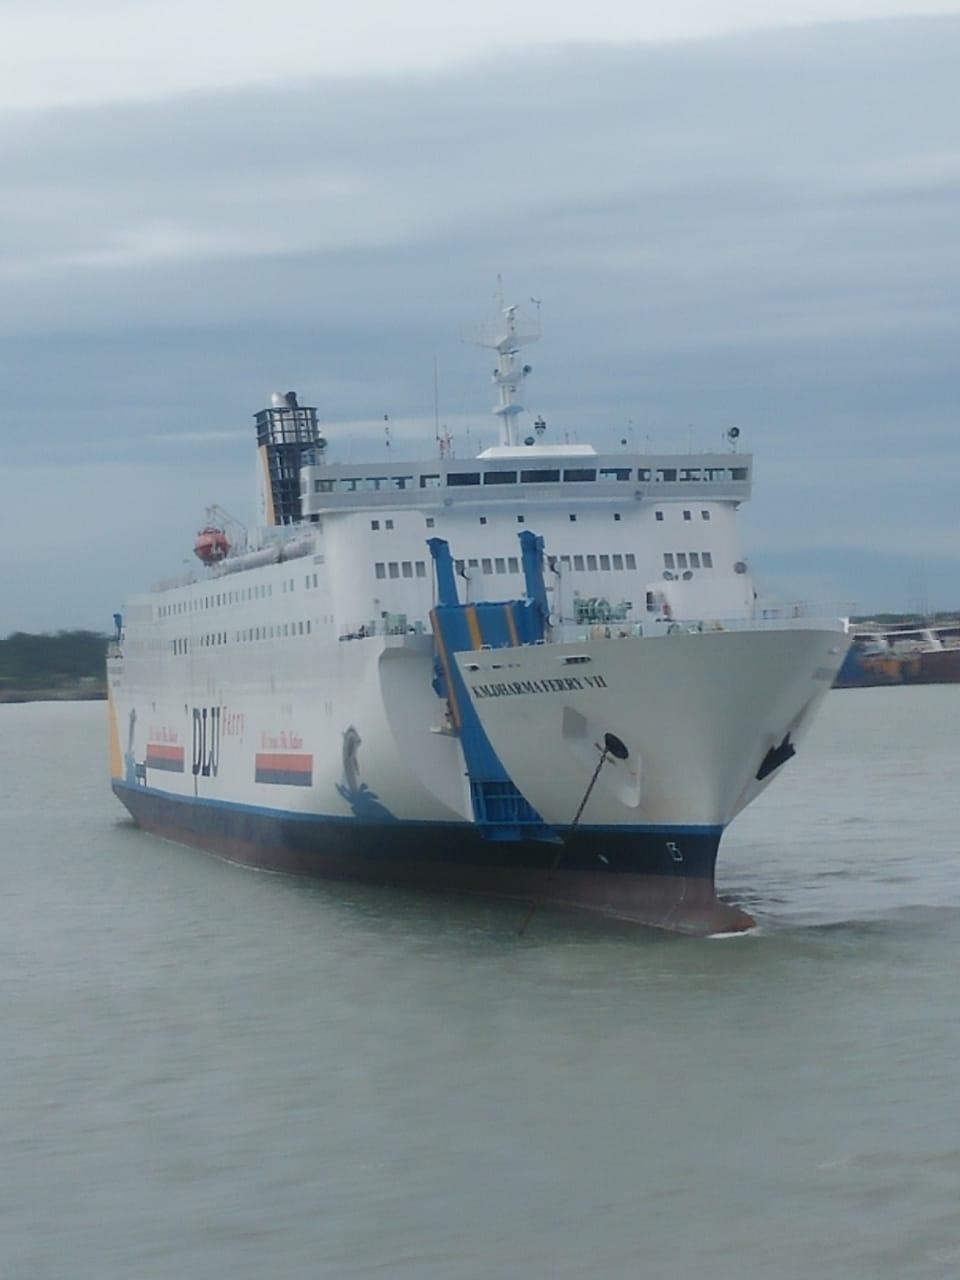 Pt Dlu Siap Mengoperasikan Kapal Baru Km Dharma Ferry Vii Bidik